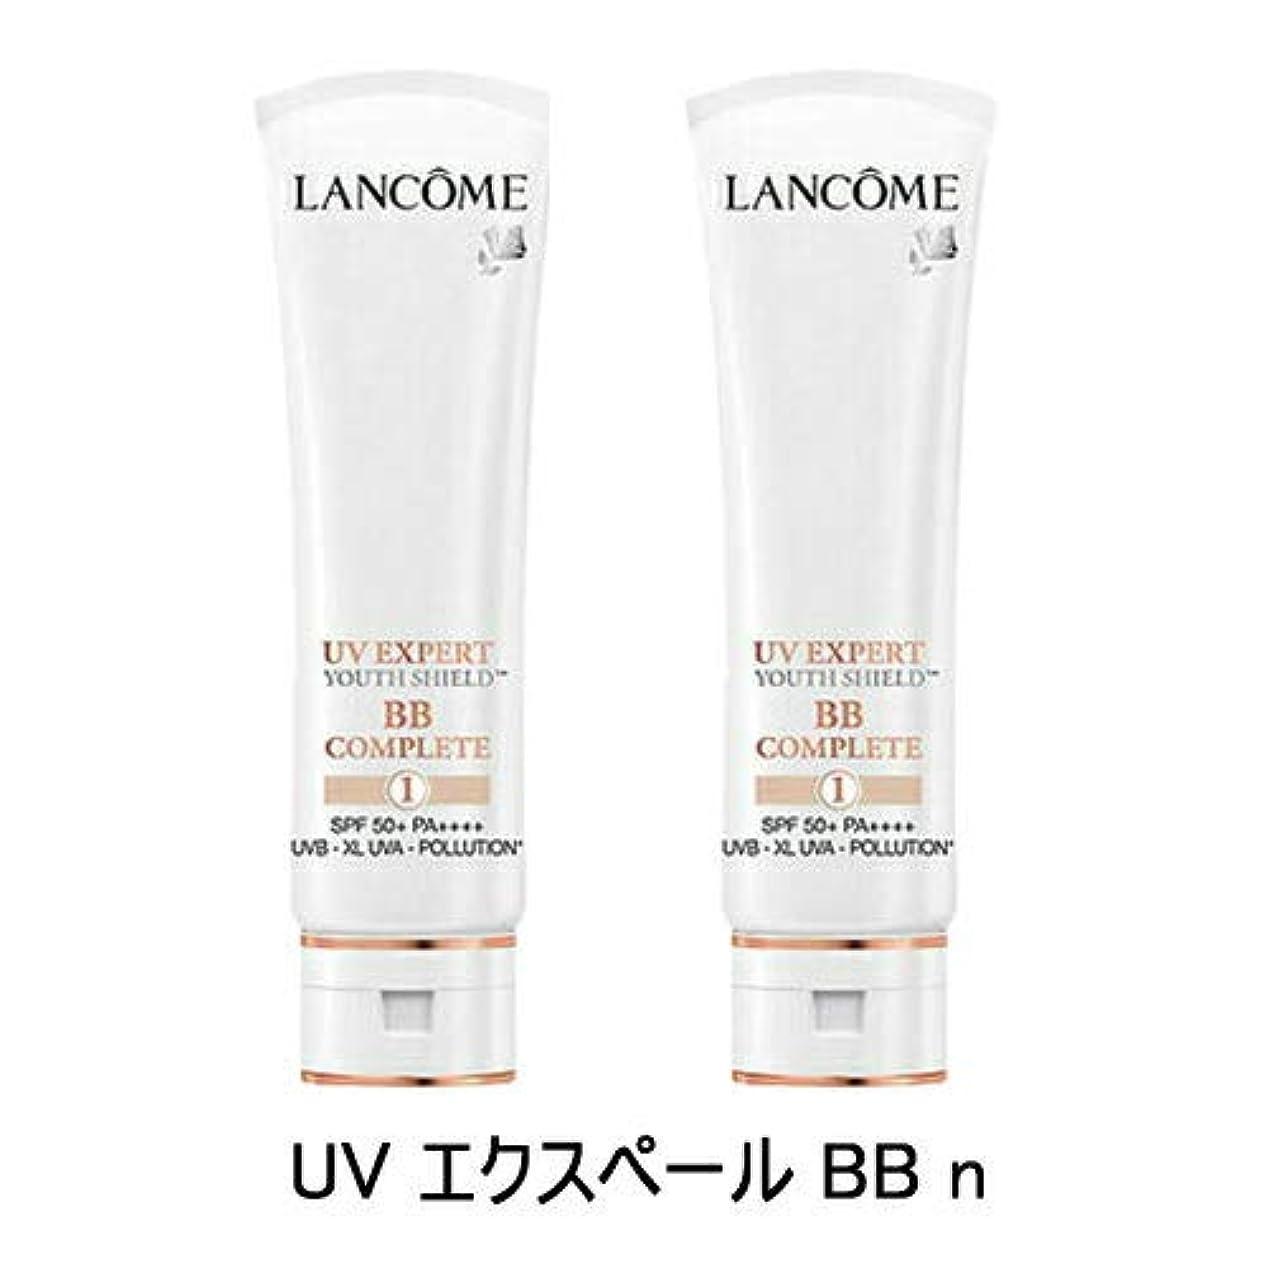 ディスクリーダーシップ知覚【2本セット】ランコム UV エクスペール BB n SPF50+/PA++++ [並行輸入品]